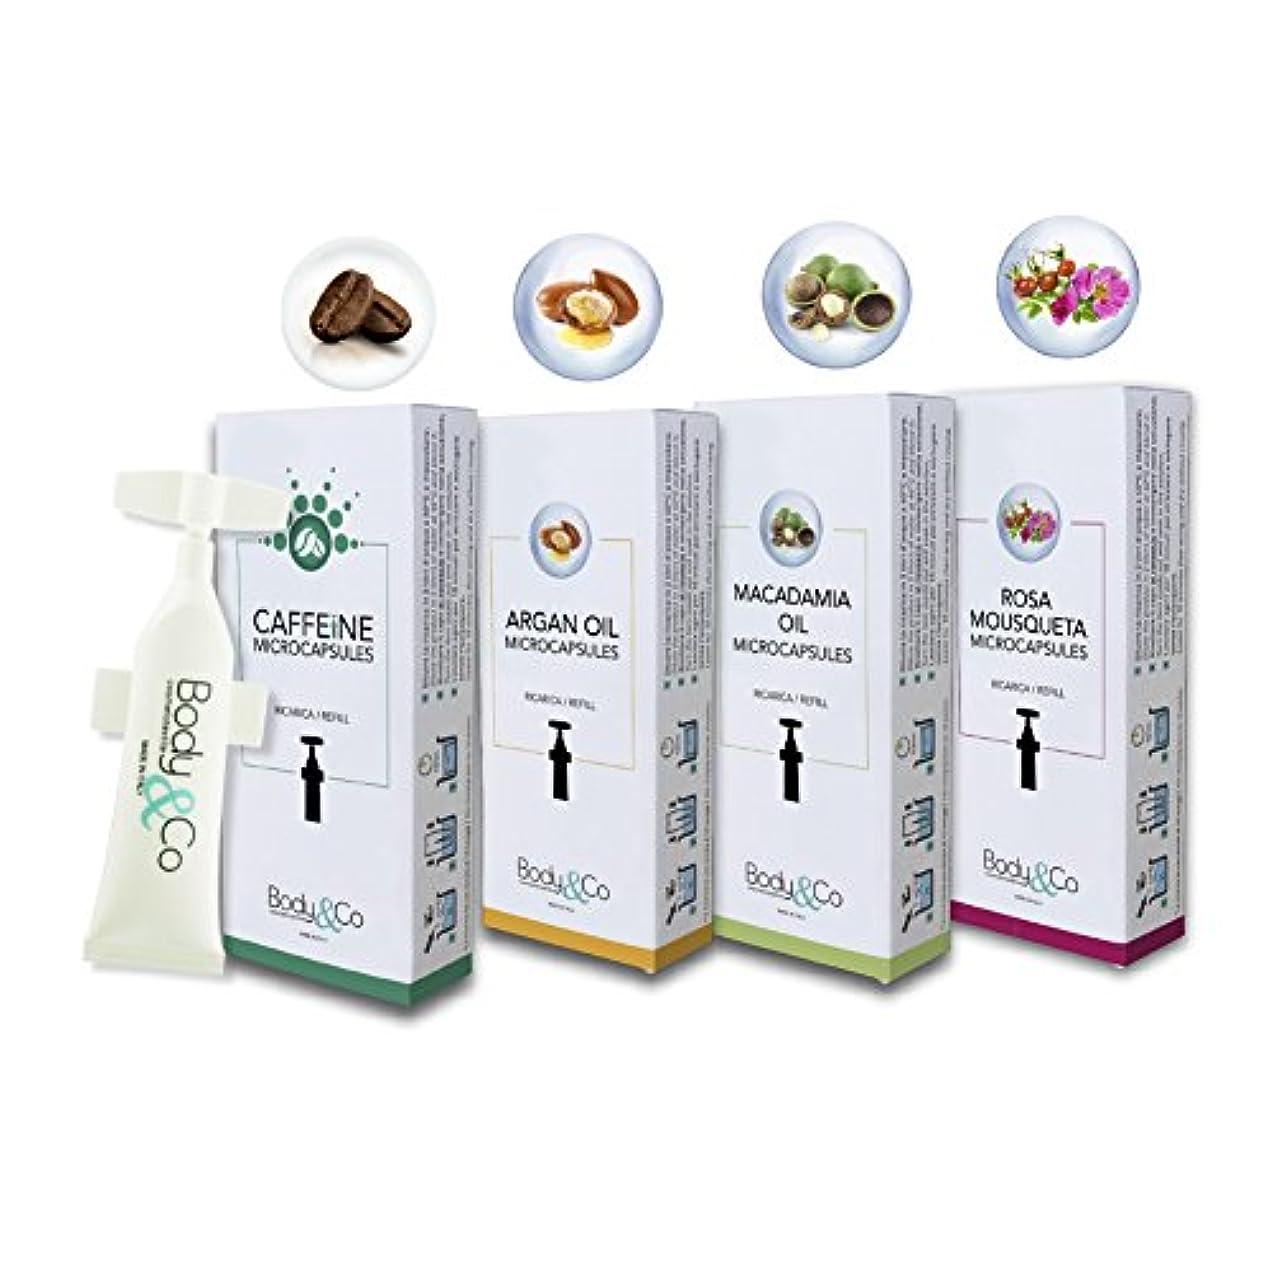 悩み失速わずかにBody&Co Cosmetic Mix 4 Refills 10 ml: Caffeine, Argan Oil, Macadamia Oil, Rosa Mosqueta Oil